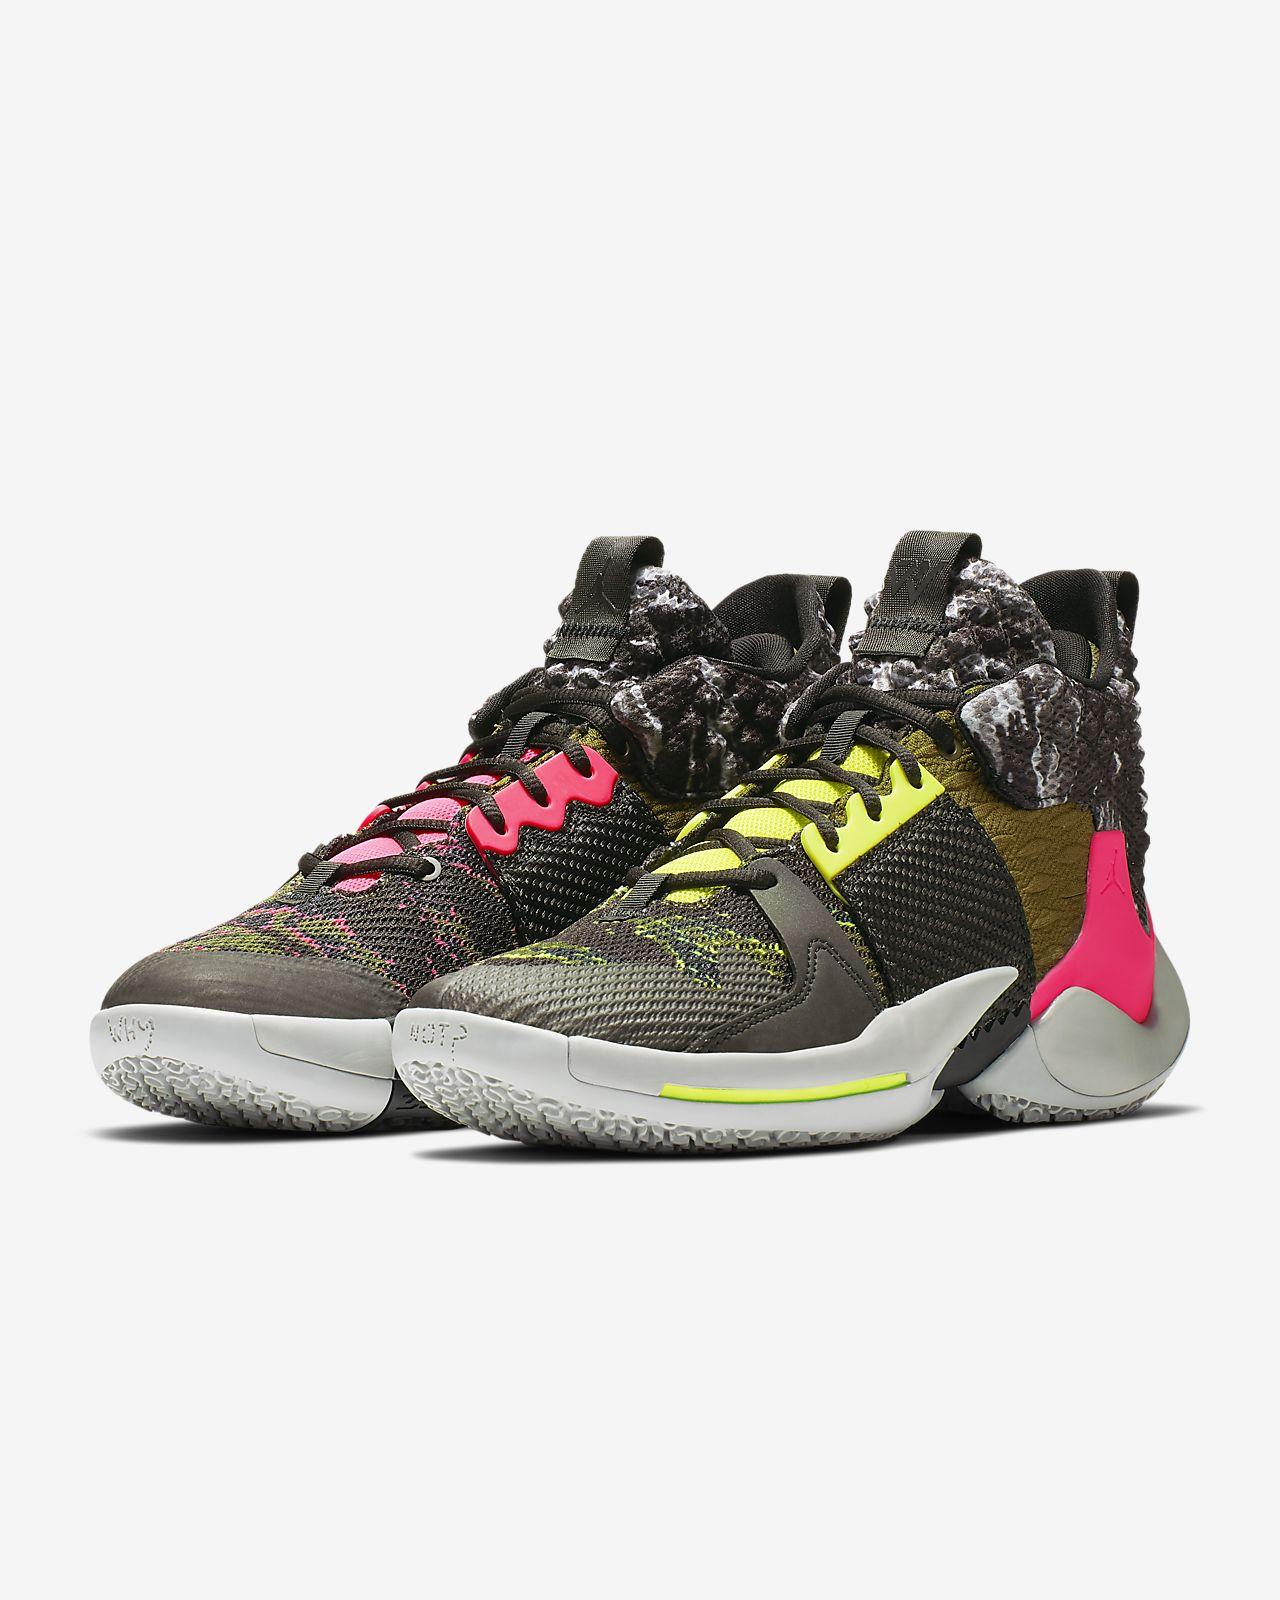 timeless design d2f37 cc269 Zer0.2 Basketbalschoen Jordan 'Why Not?' Zer0.2 Basketbalschoen